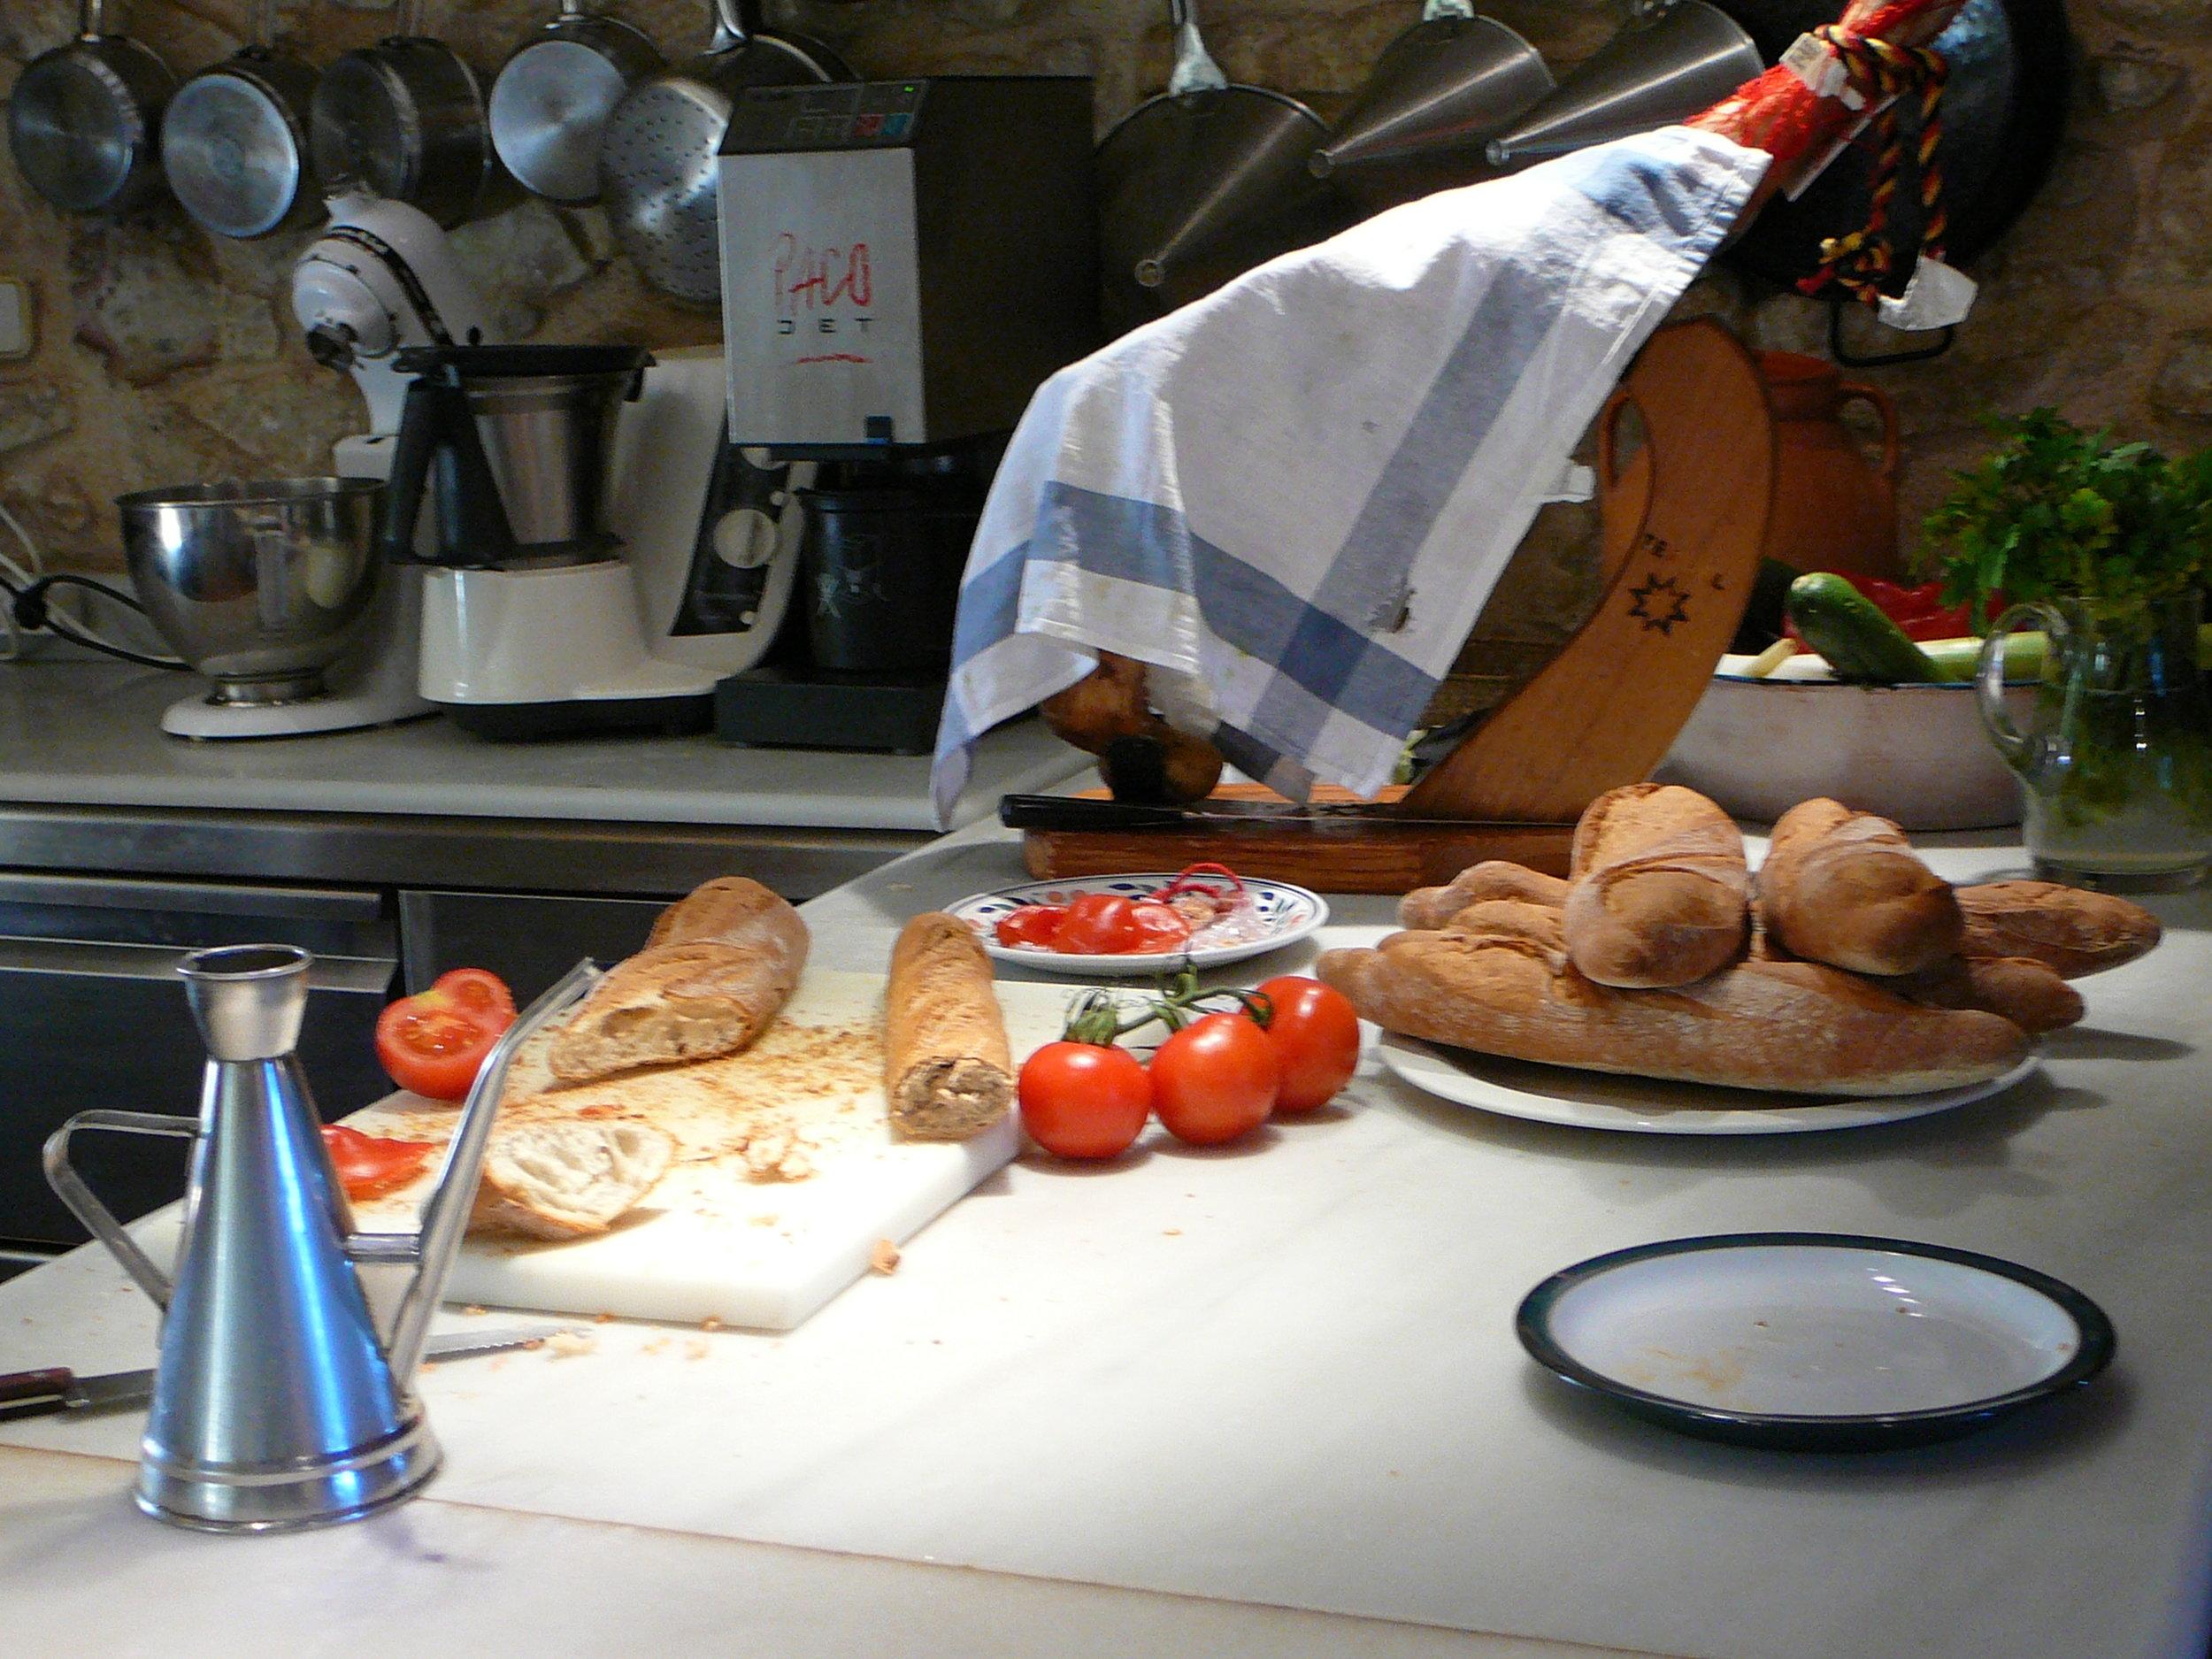 Getting ready for breakfast in Spain